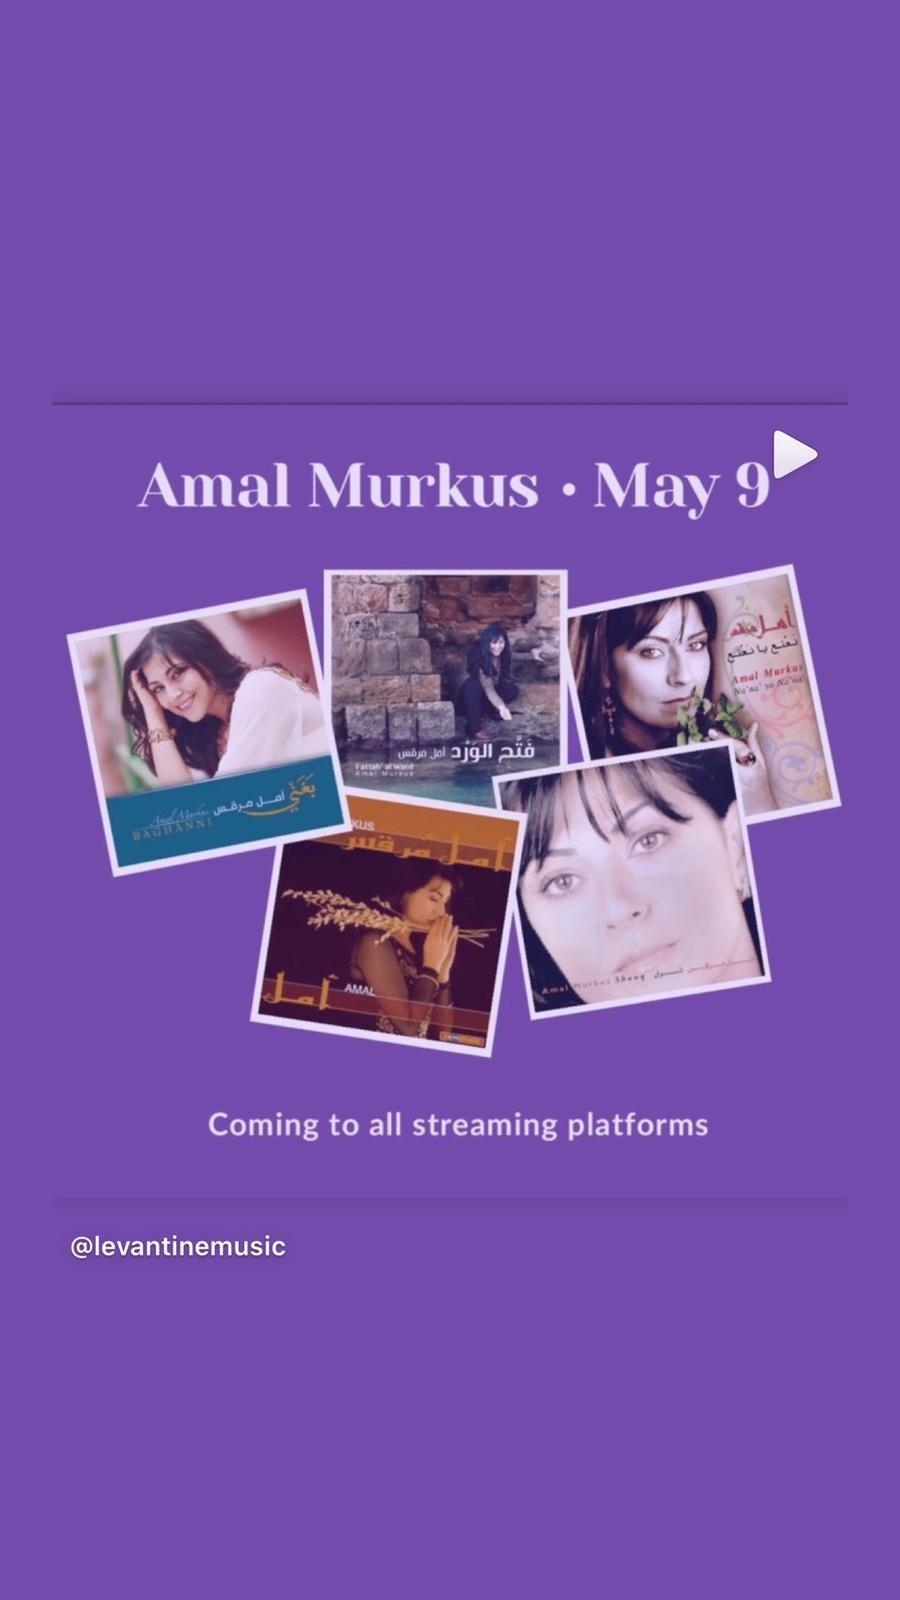 اطلاق جميع ألبومات وأغاني امل مرقس في جميع المنصات الإلكترونية العالمية والعربية